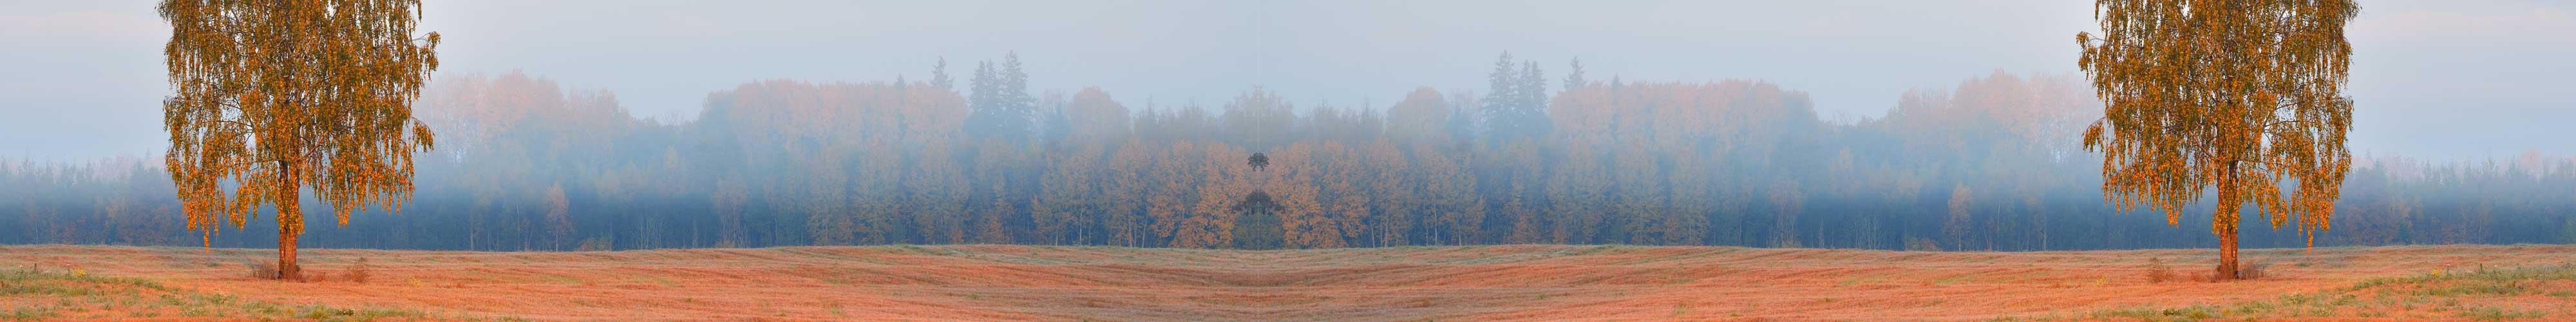 árboles en un páramo